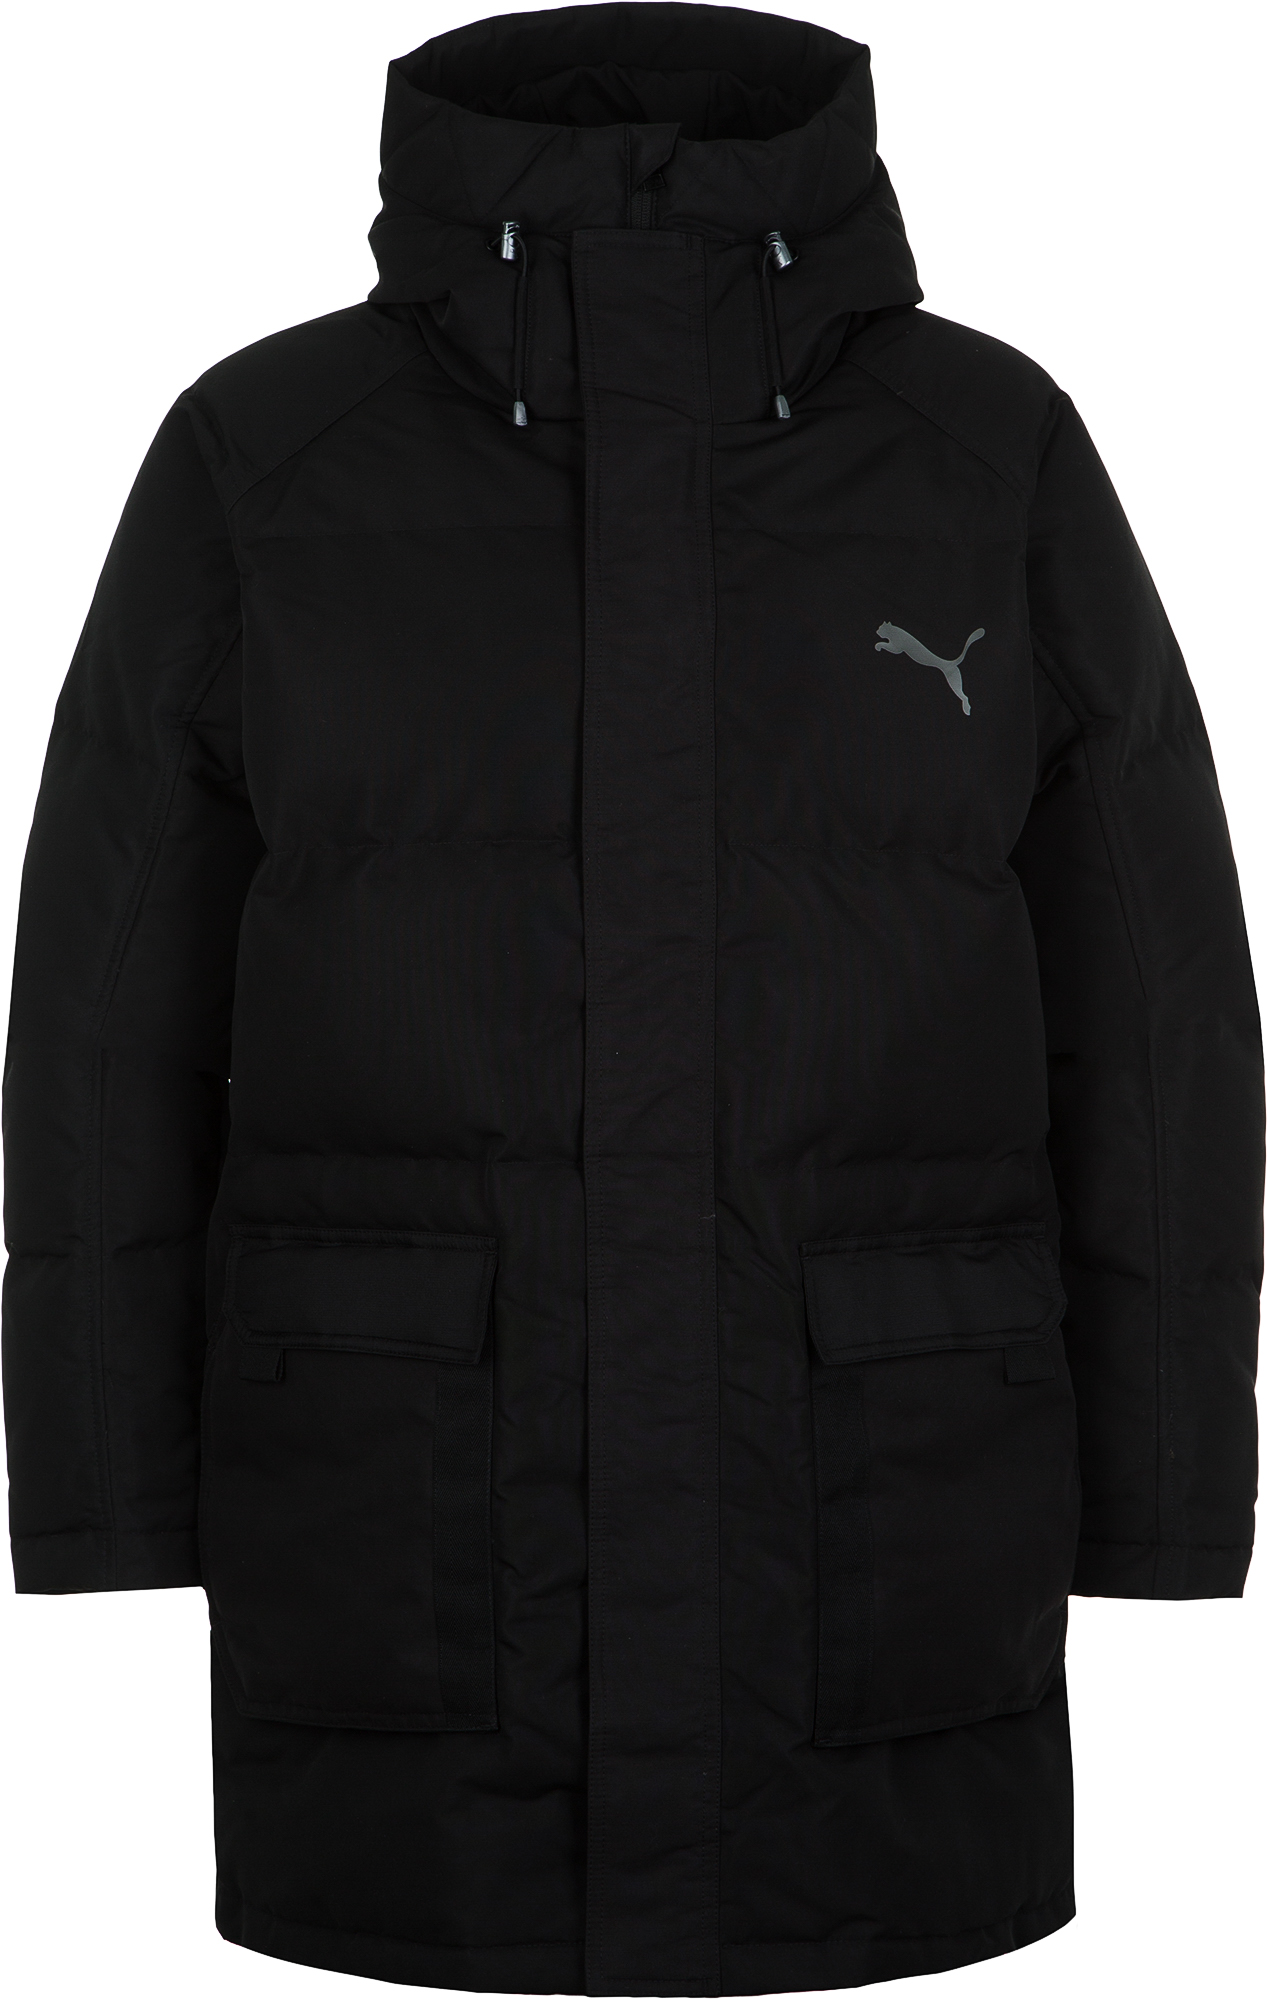 пуховик женский puma 70 30 480 down jacket цвет молочный 85166611 размер m 44 46 Puma Куртка пуховая мужская Puma Oversize 500, размер 46-48